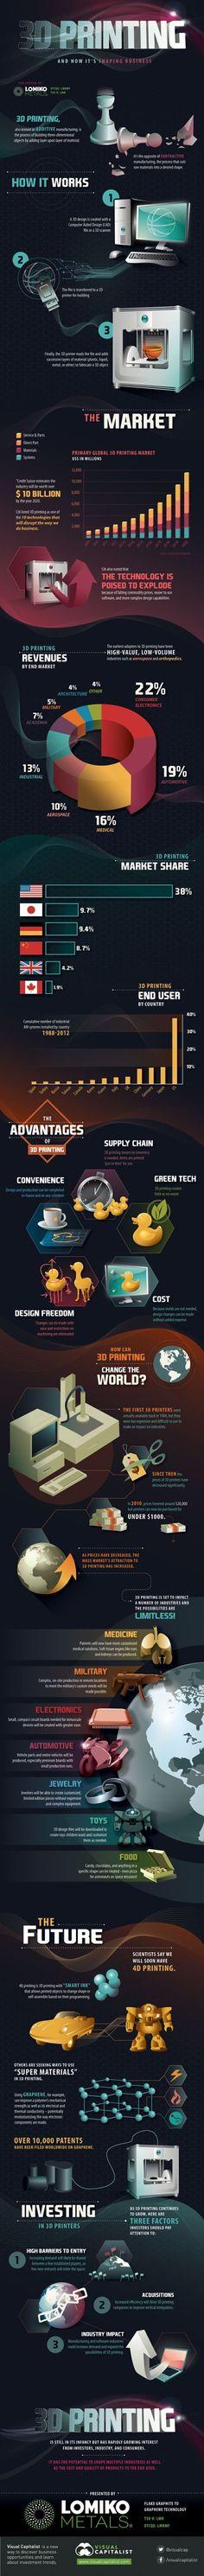 3D printing groeimarkt: wat is het potentieel? - 3D Primeur